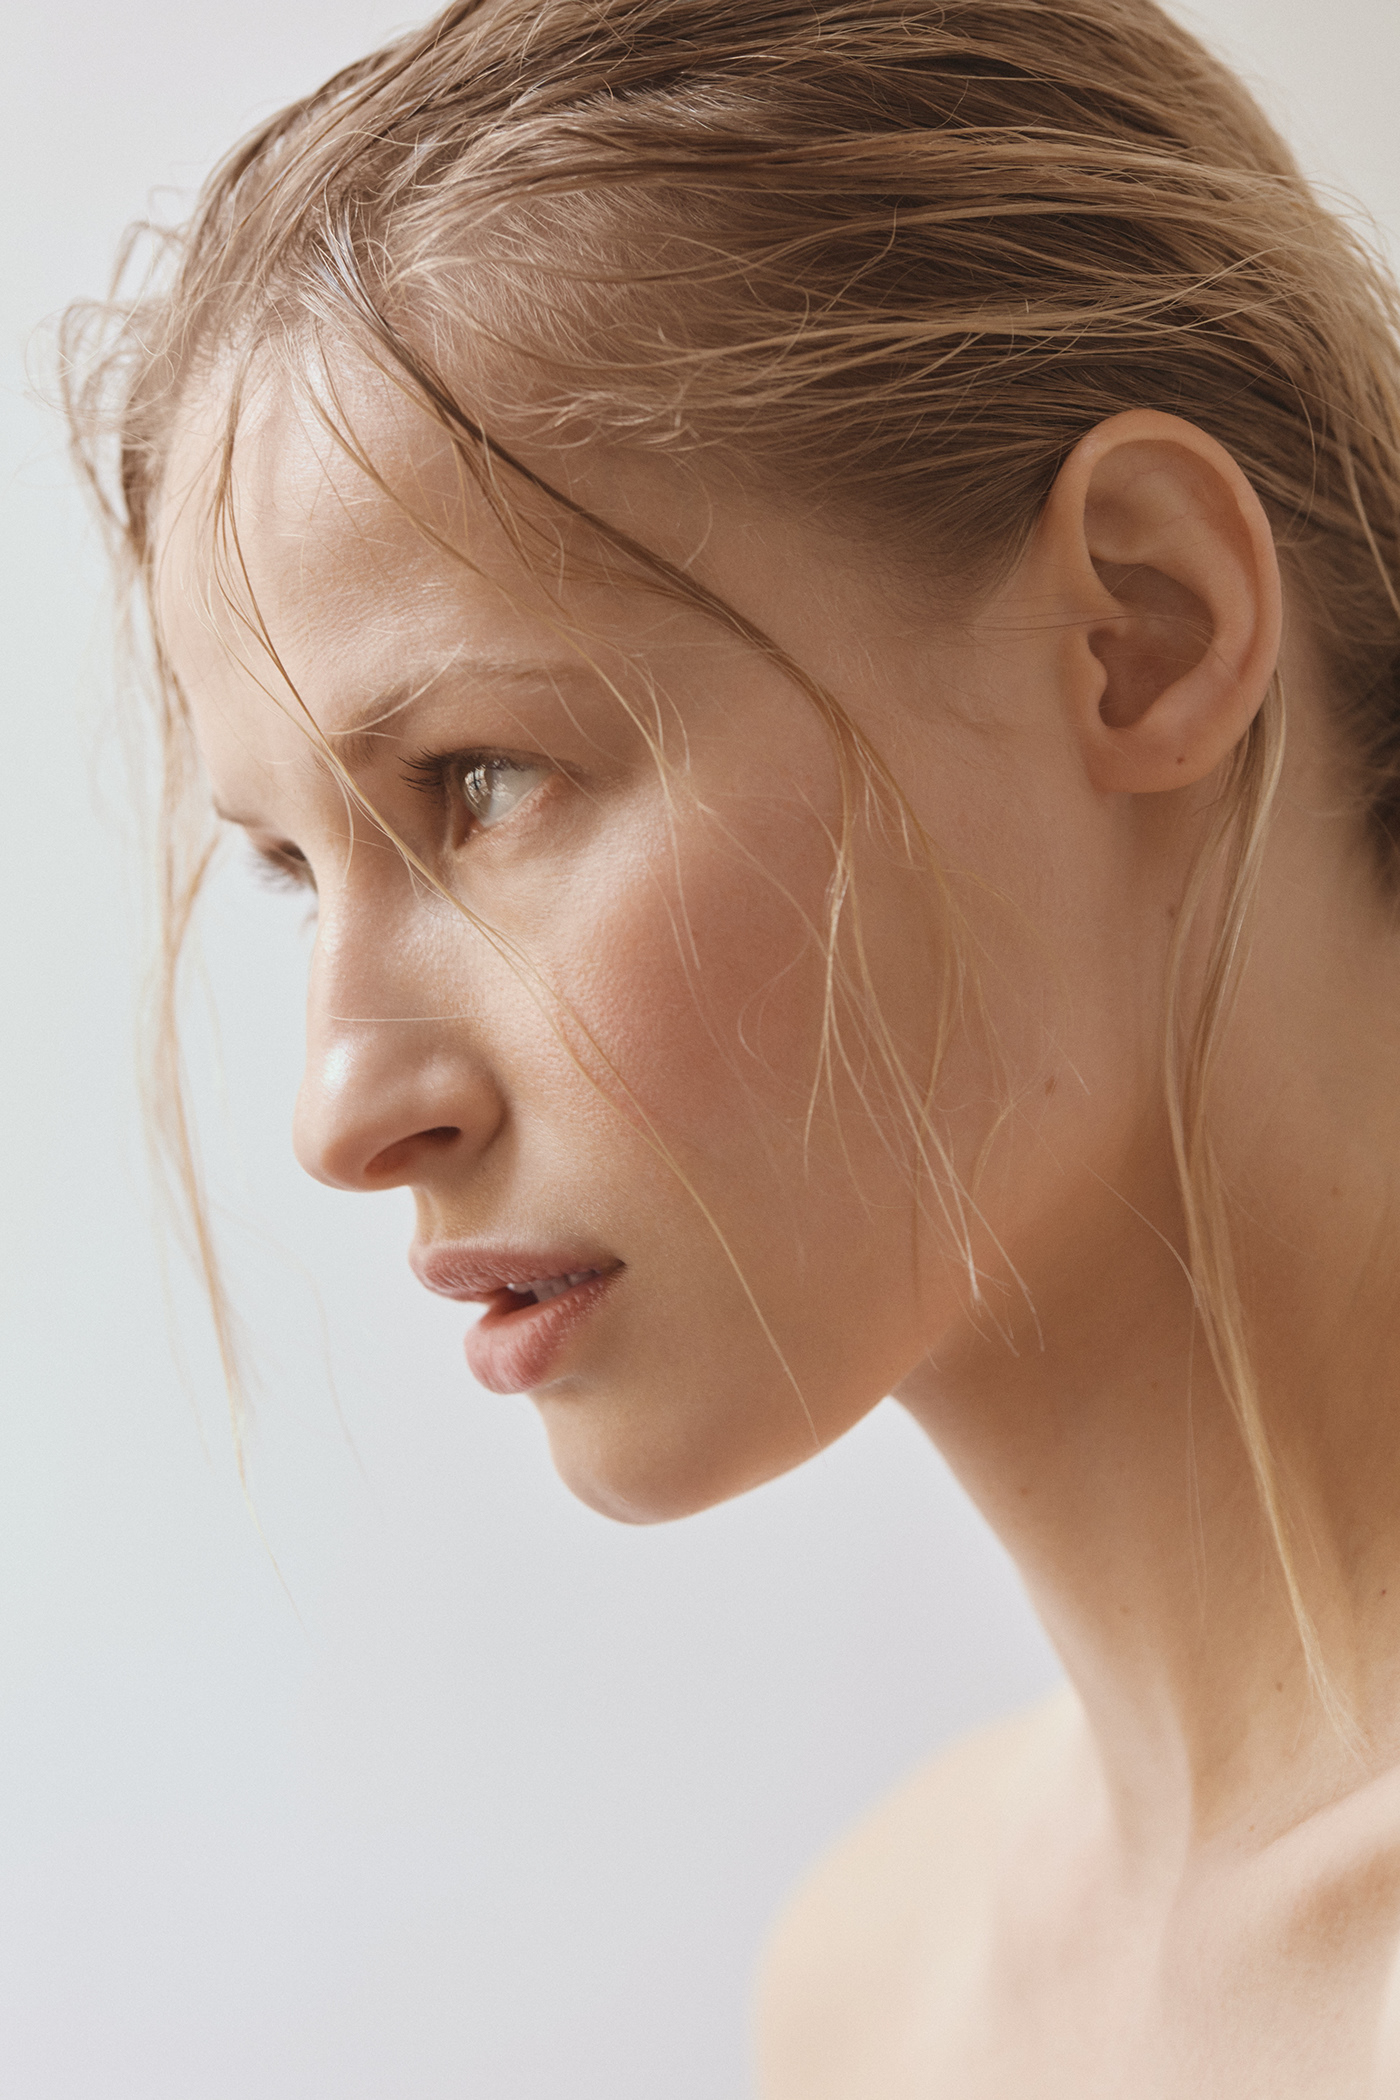 beauty natural nude portrait wet wet look